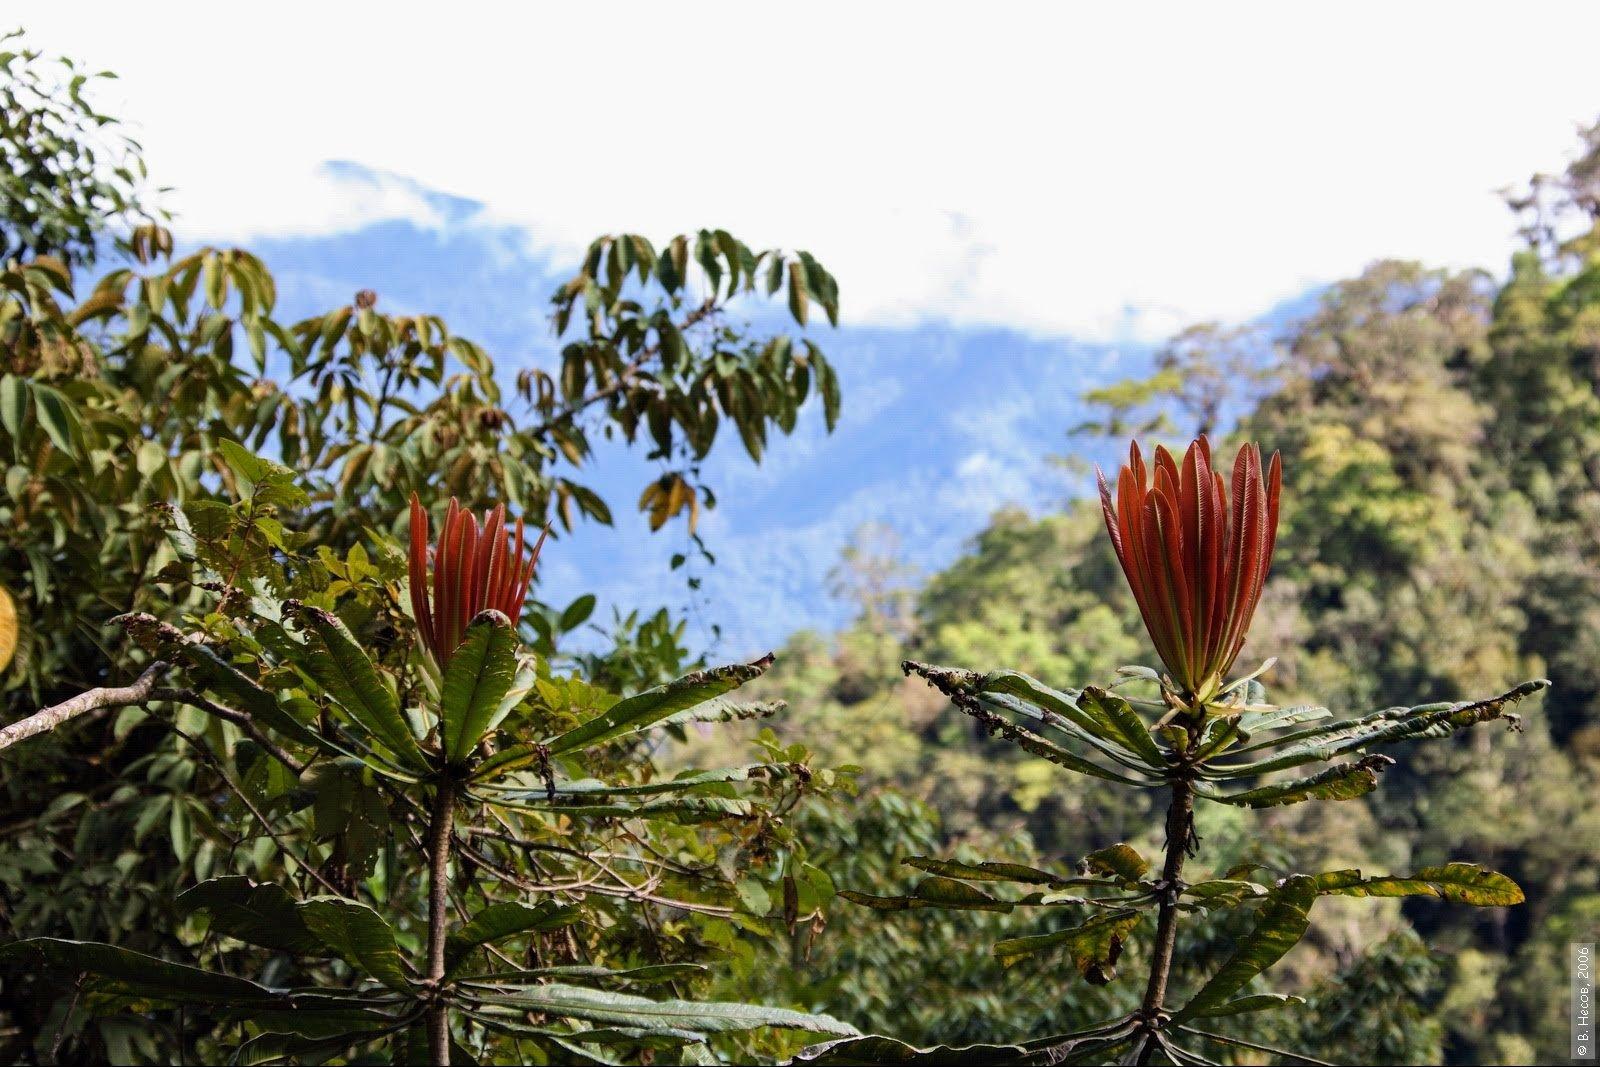 Putovanje Indonezija - Papua - Festival i treking u dolini Baliem (5)